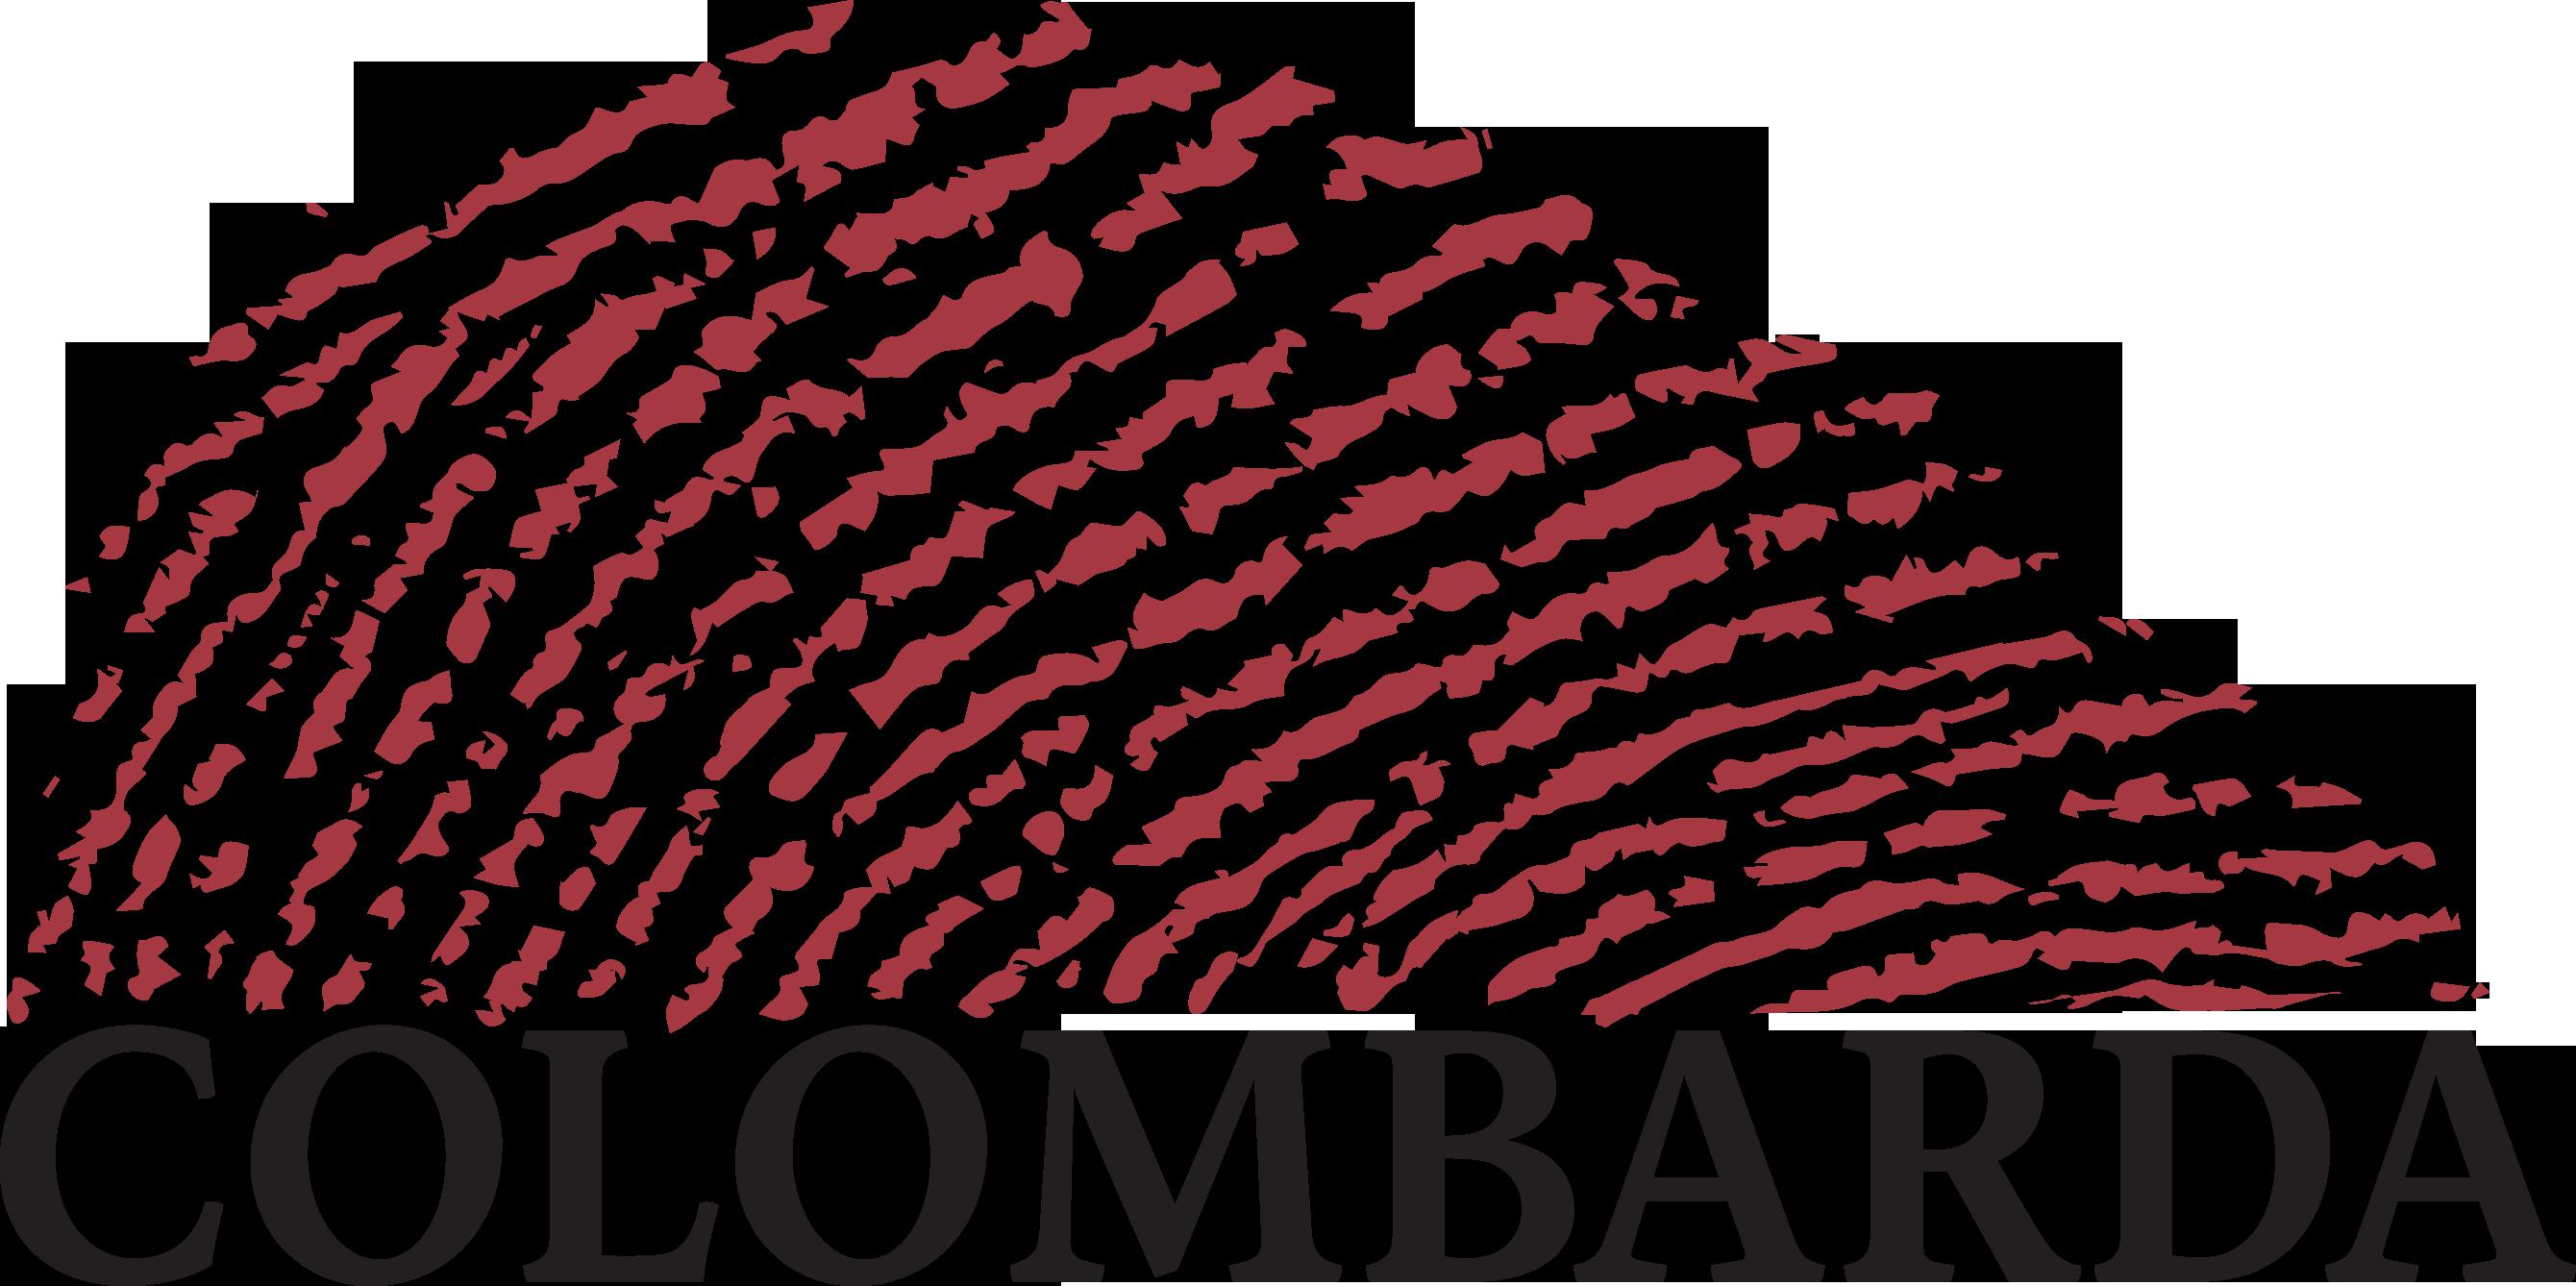 Colombarda